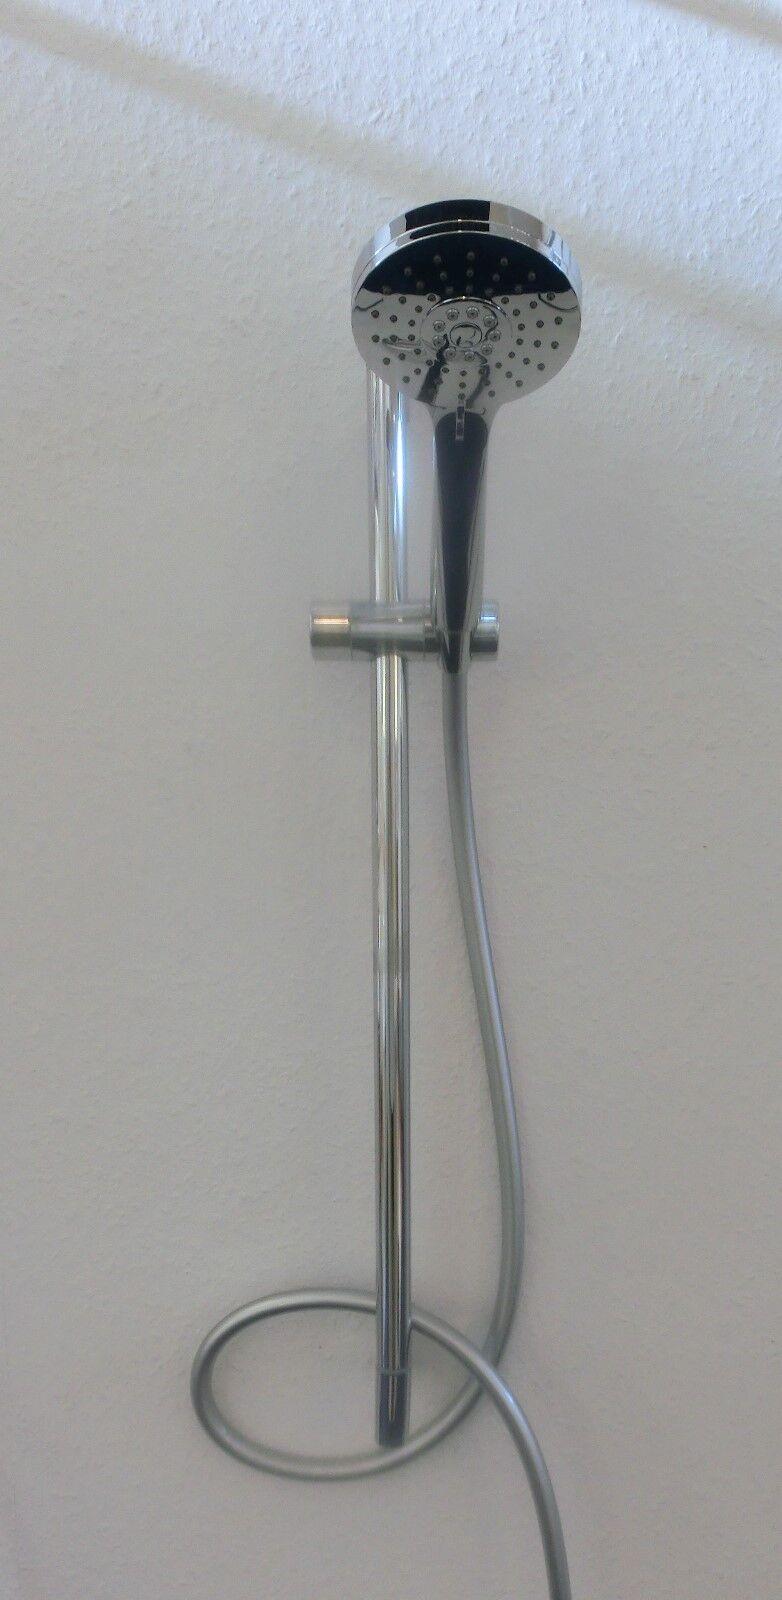 Gessi Emporio Duschgarnitur chrom mit Antikalkbrause, Brausestangenset 47249